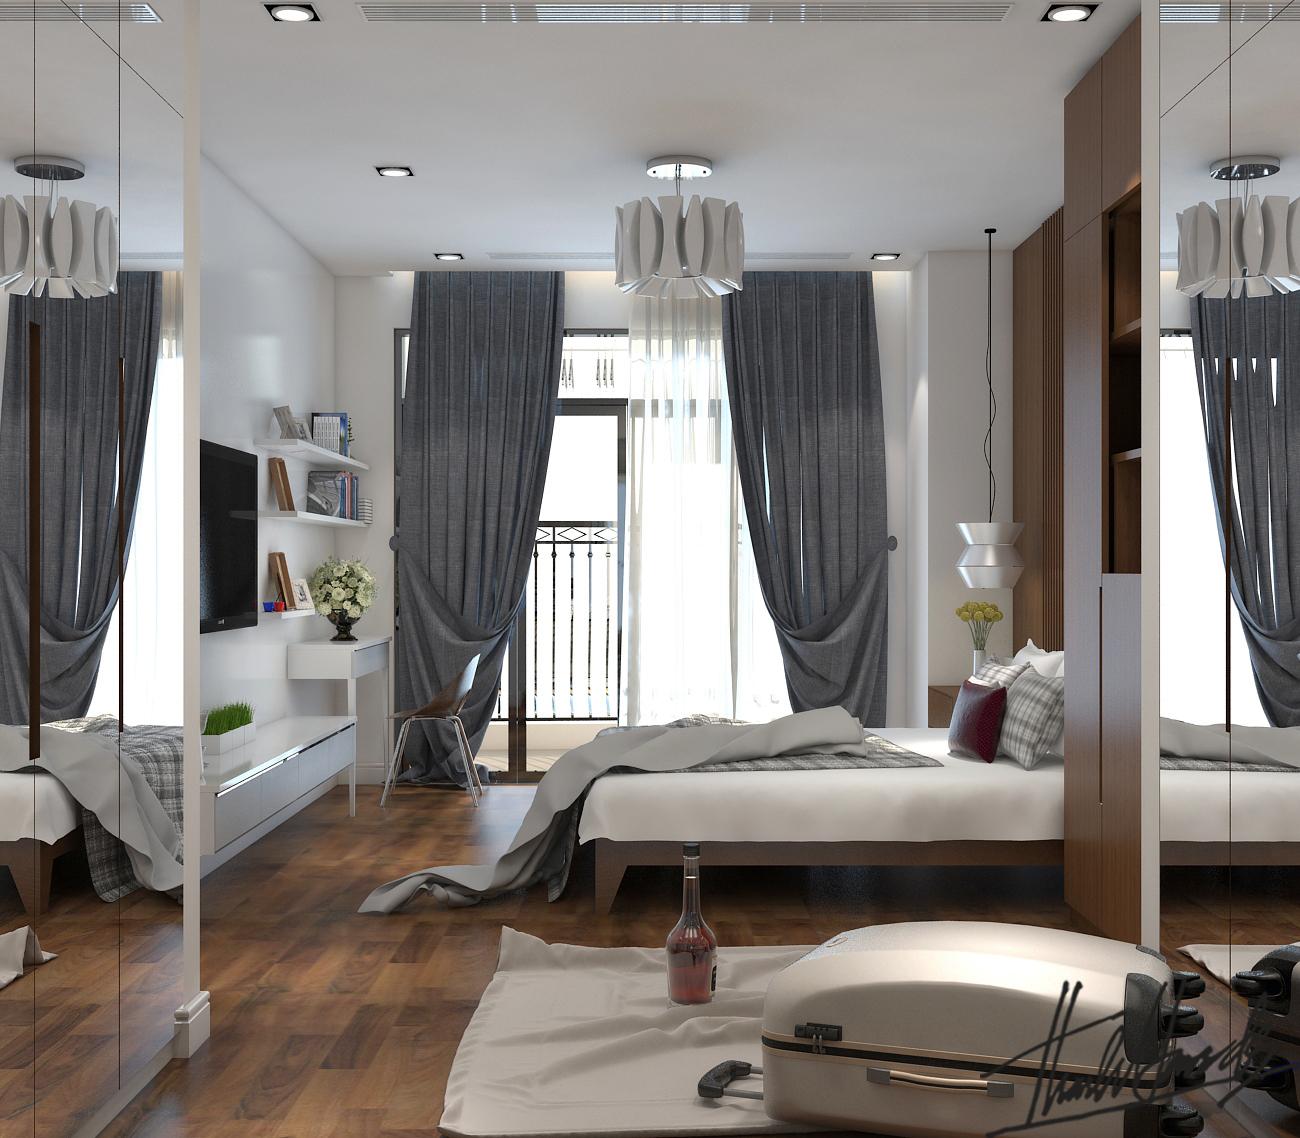 thiết kế nội thất chung cư tại Hà Nội chung cư roya city 16 1568274328